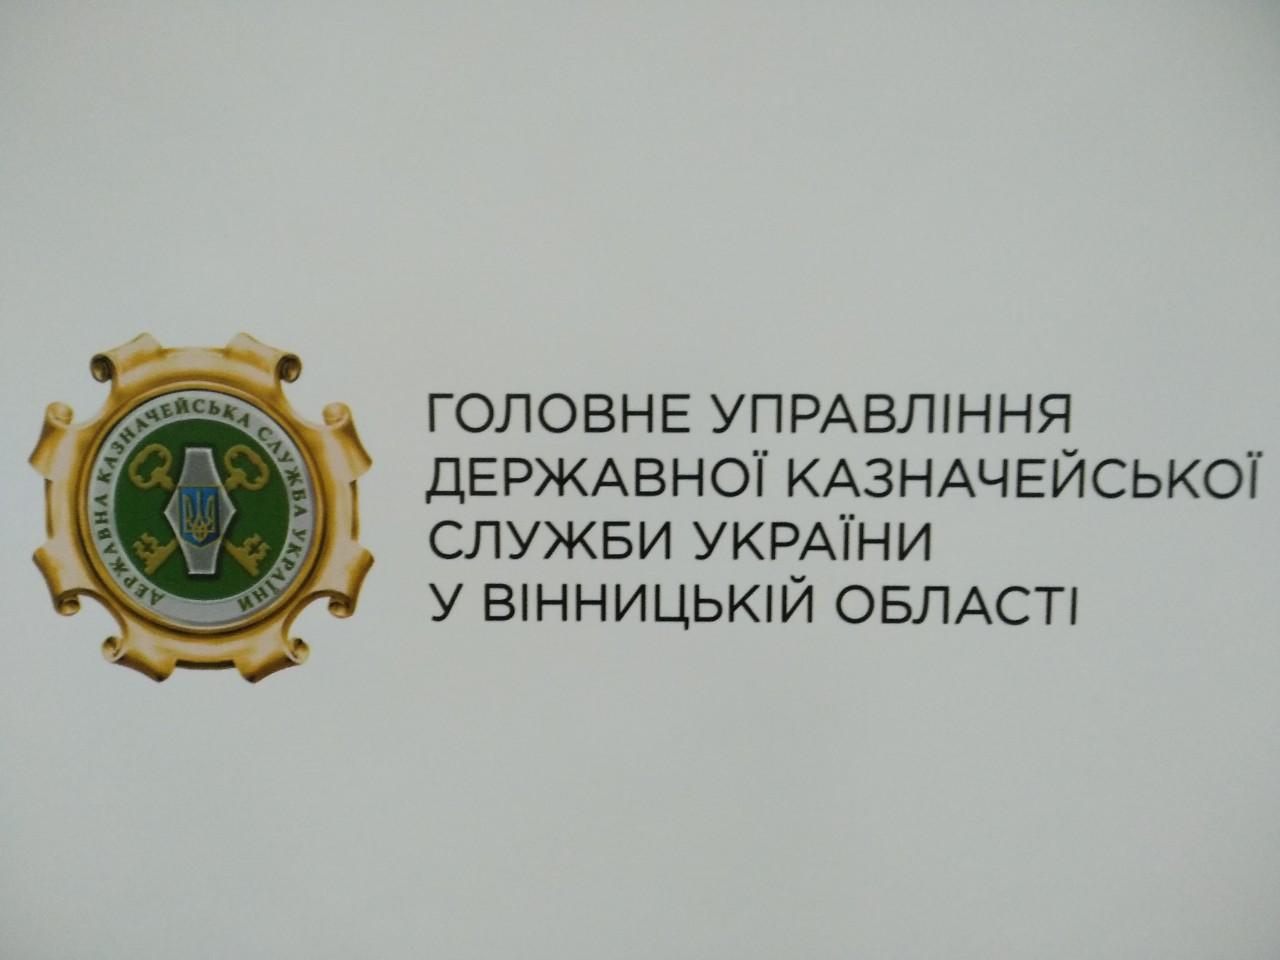 holovne-upravlinnia-derzhavnoyi-kaznacheiskoyi-sluzhby-ukrayiny-u-vinnytskii-oblasti